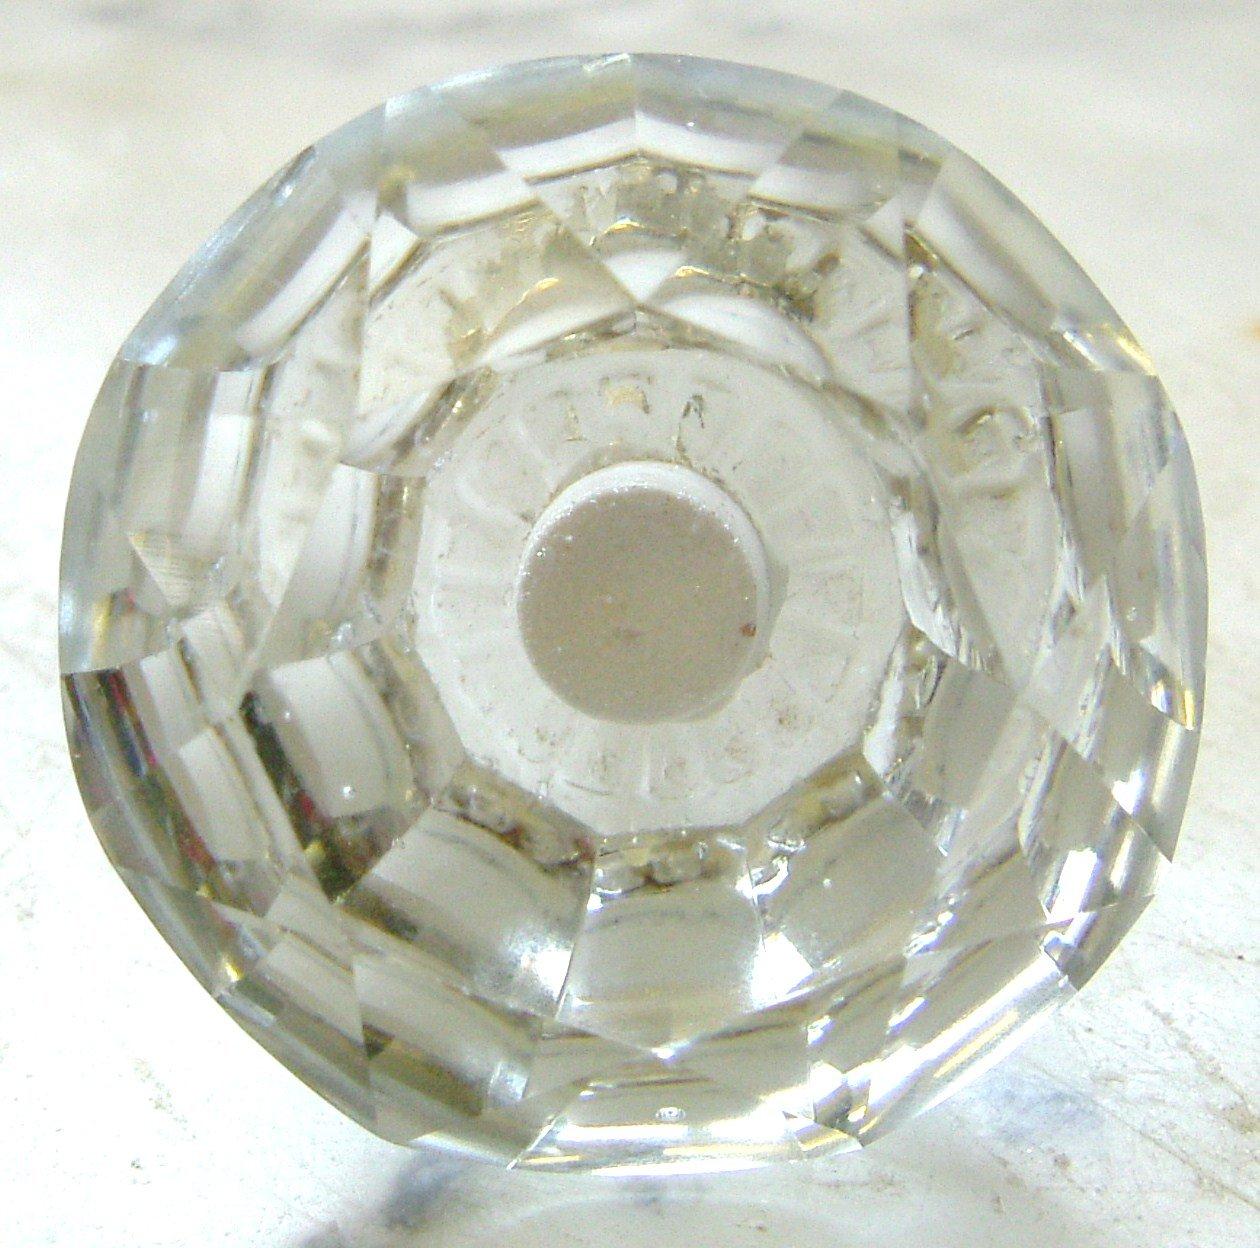 Tiradores de y muebles armario de cristal transparente grande (Pomos) Peter Sharpe